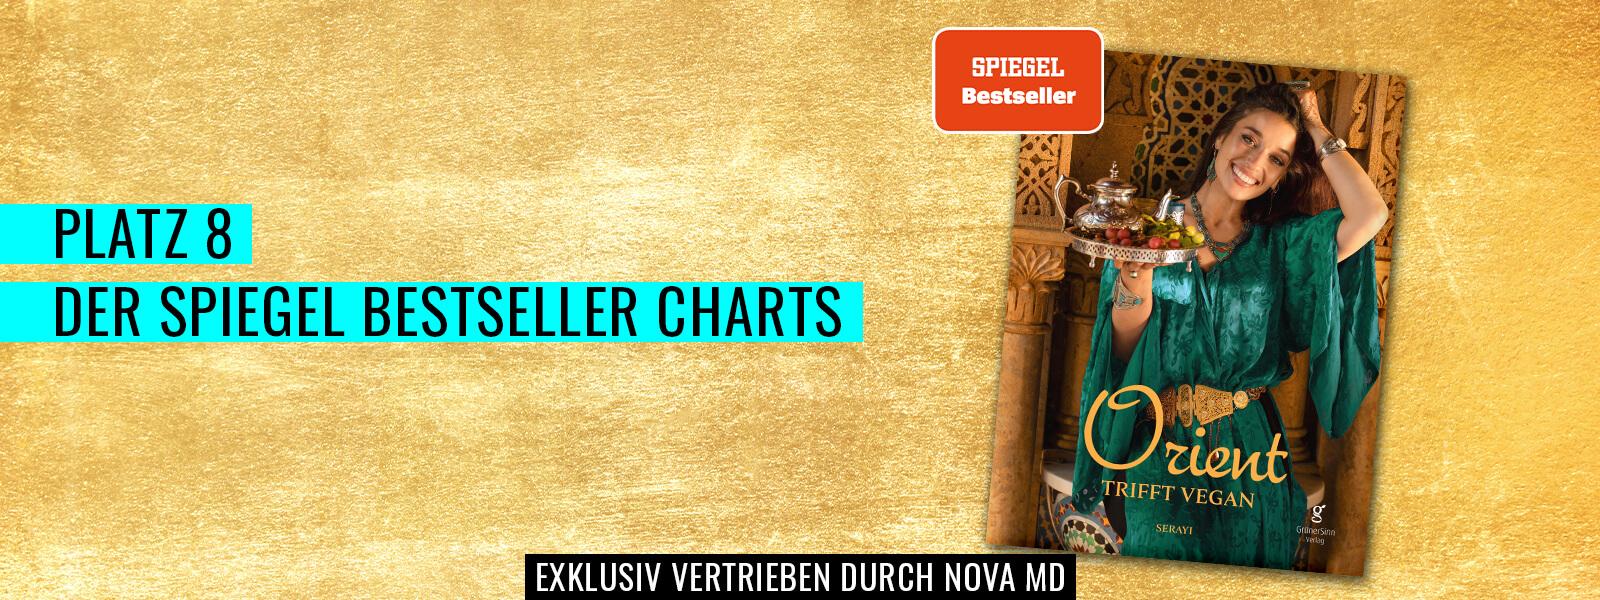 """""""Orient trifft vegan"""" von Serayi auf Platz 8 der Spiegel Bestseller Charts"""